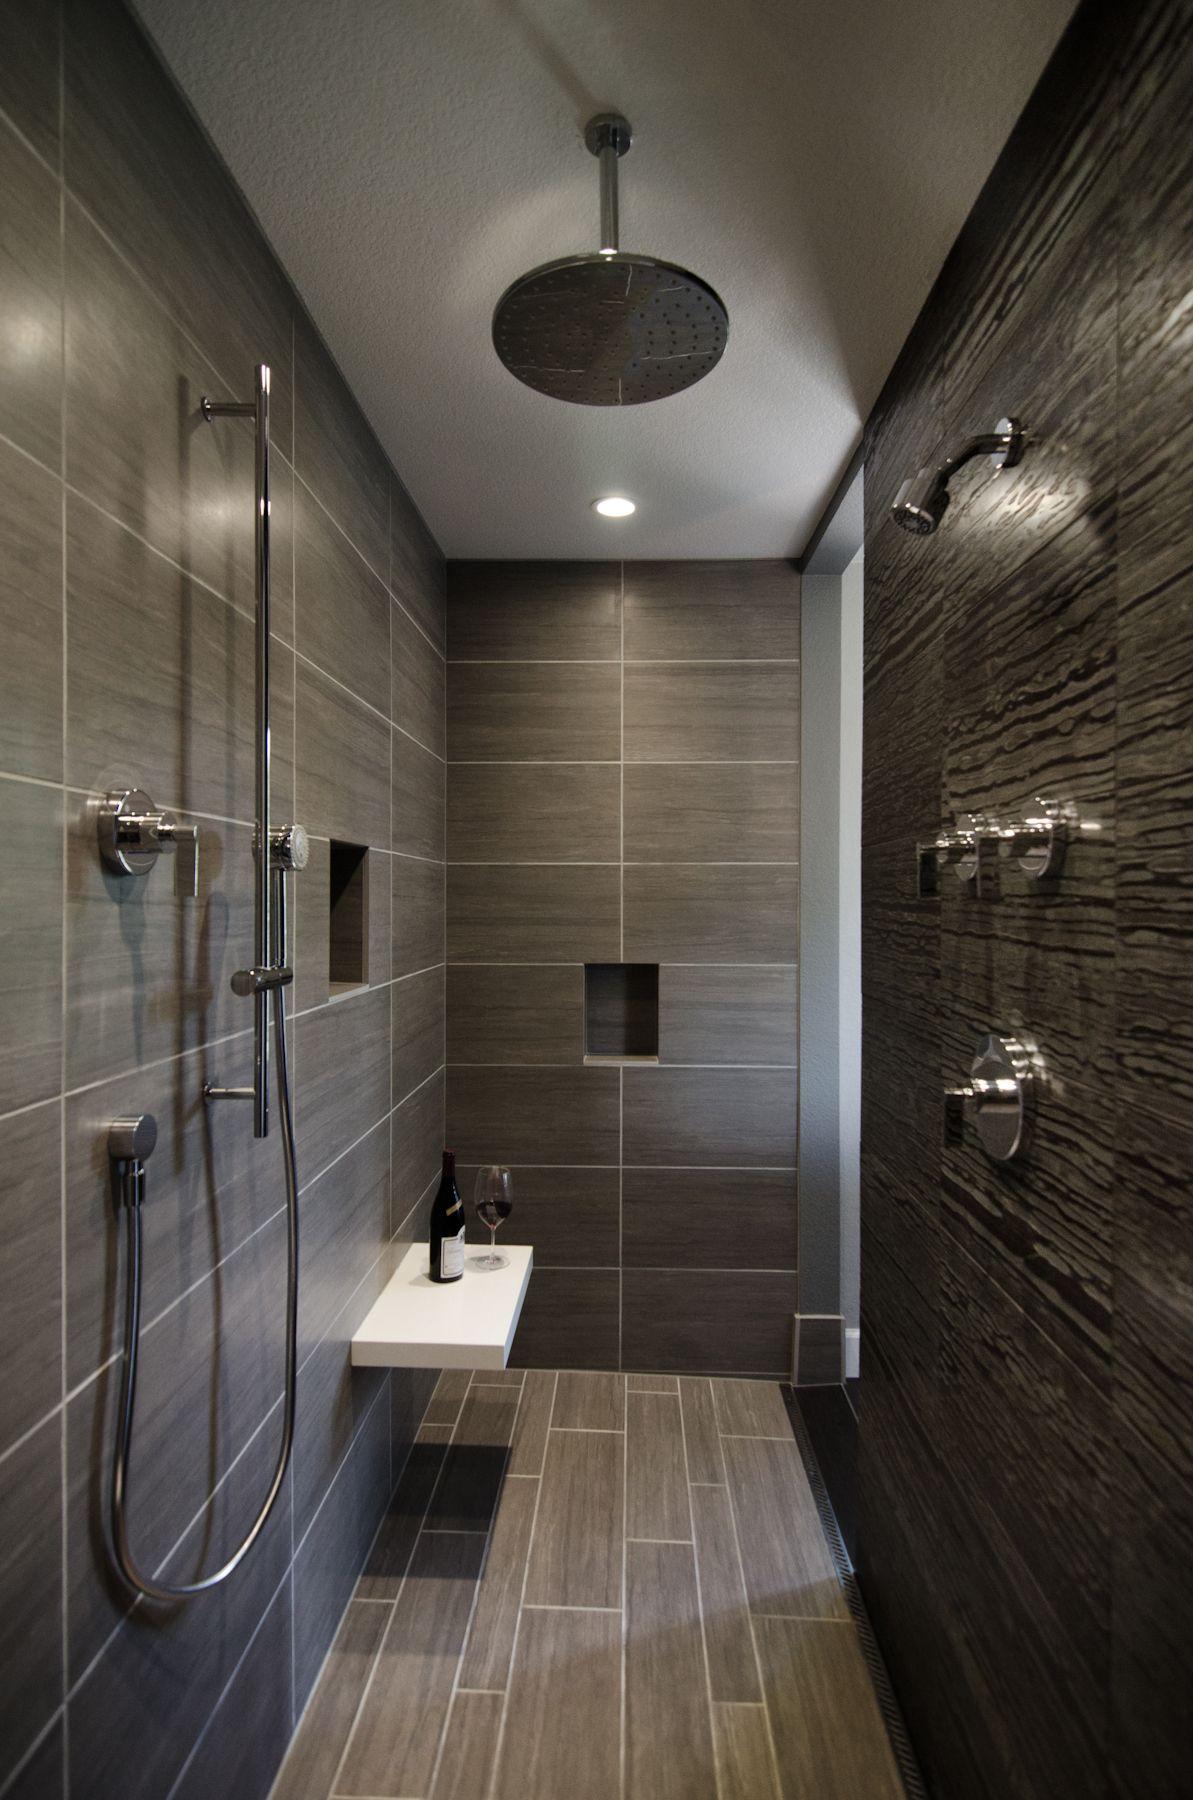 3 Shower Areas Open Shower Linear Drain Kelli Walden Allied Asid Niwot Interiors Vangool